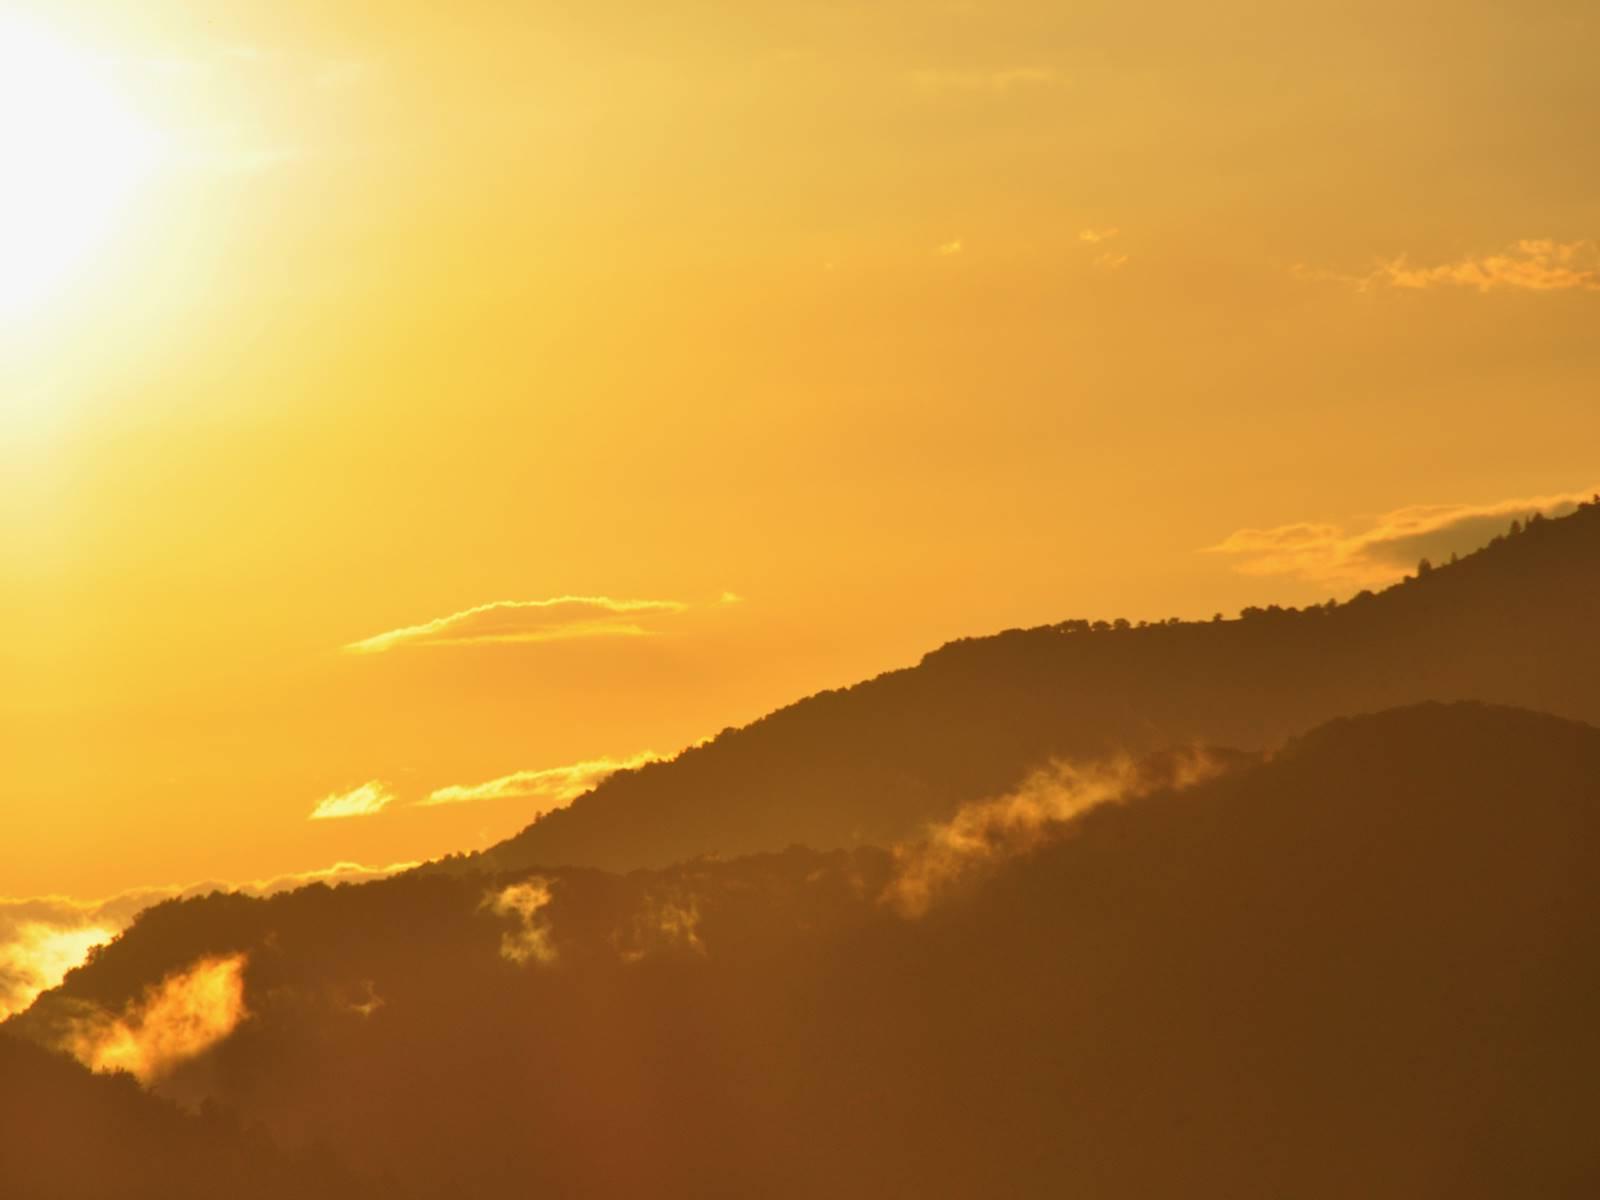 Coucher de soleil au Deffends, merci à Wadness pour la photo